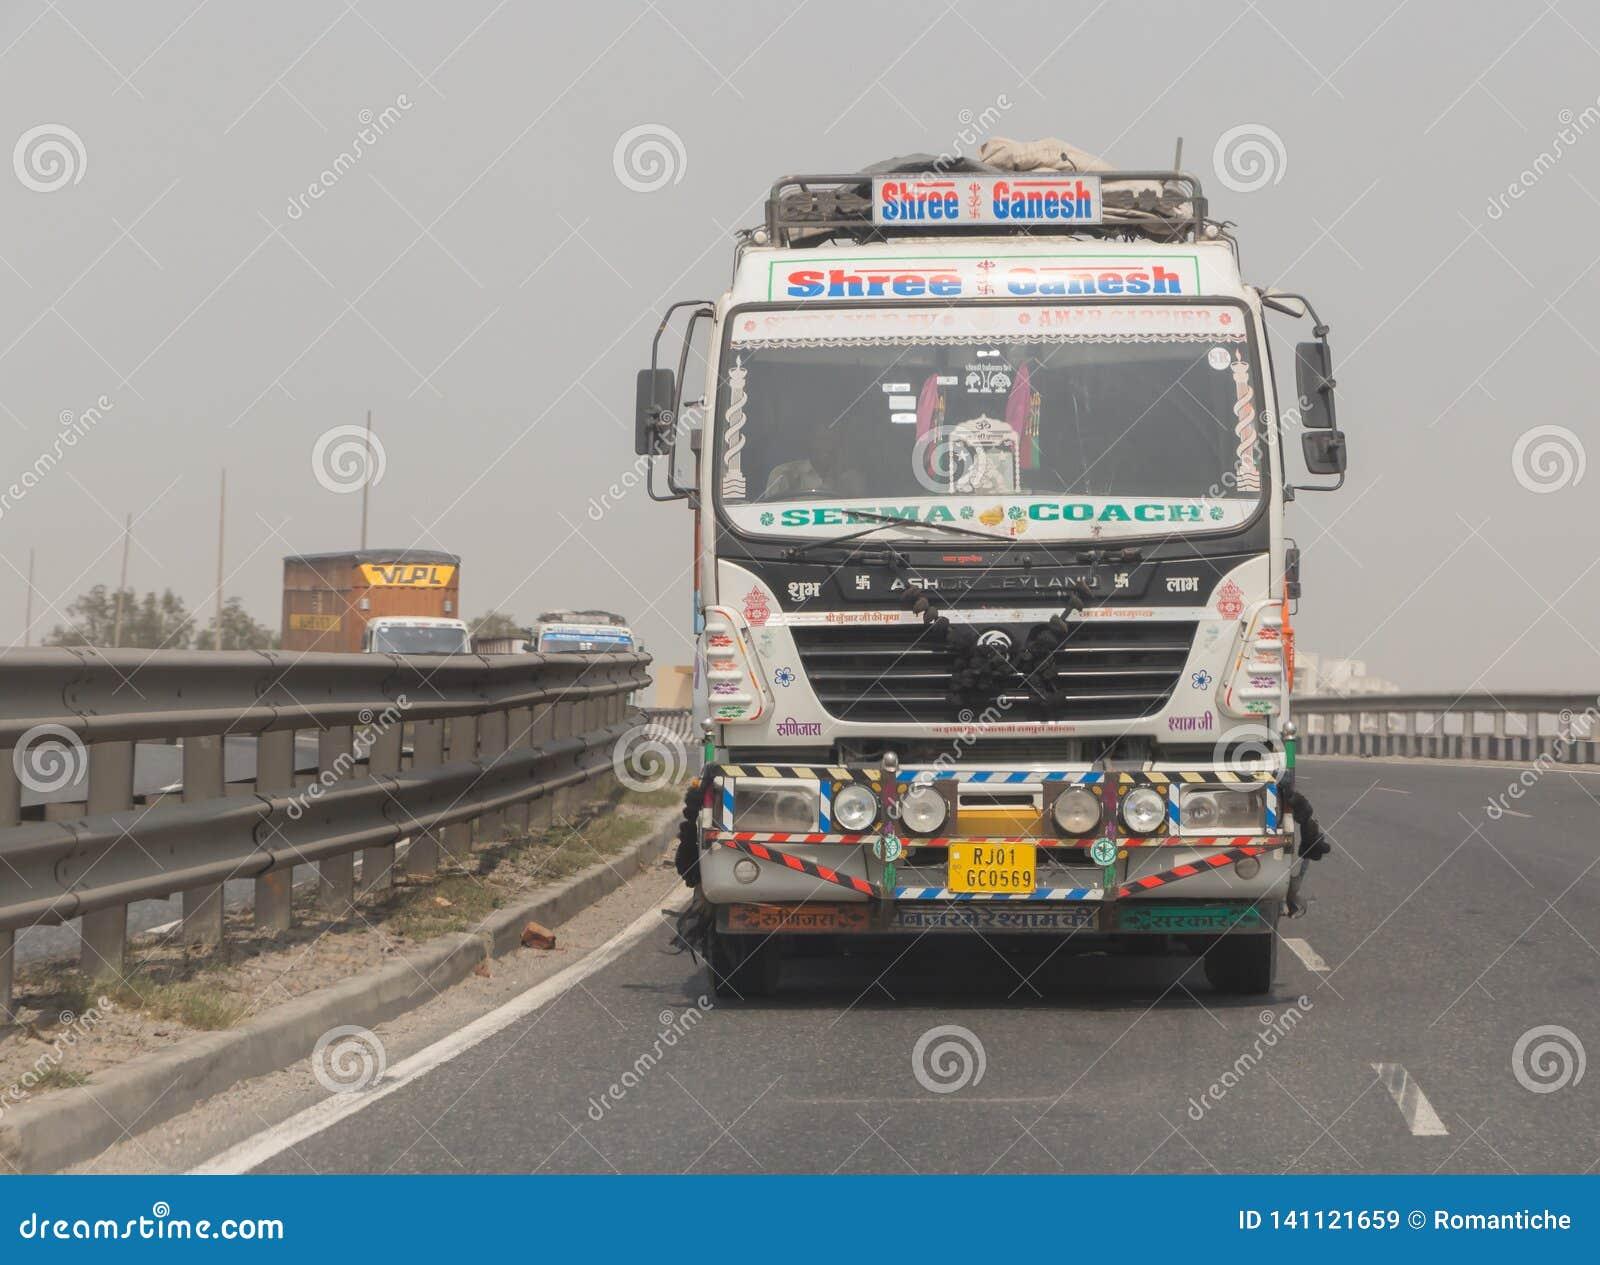 NUEVA DELI, LA INDIA - 14 DE MARZO DE 2018: camión en el camino